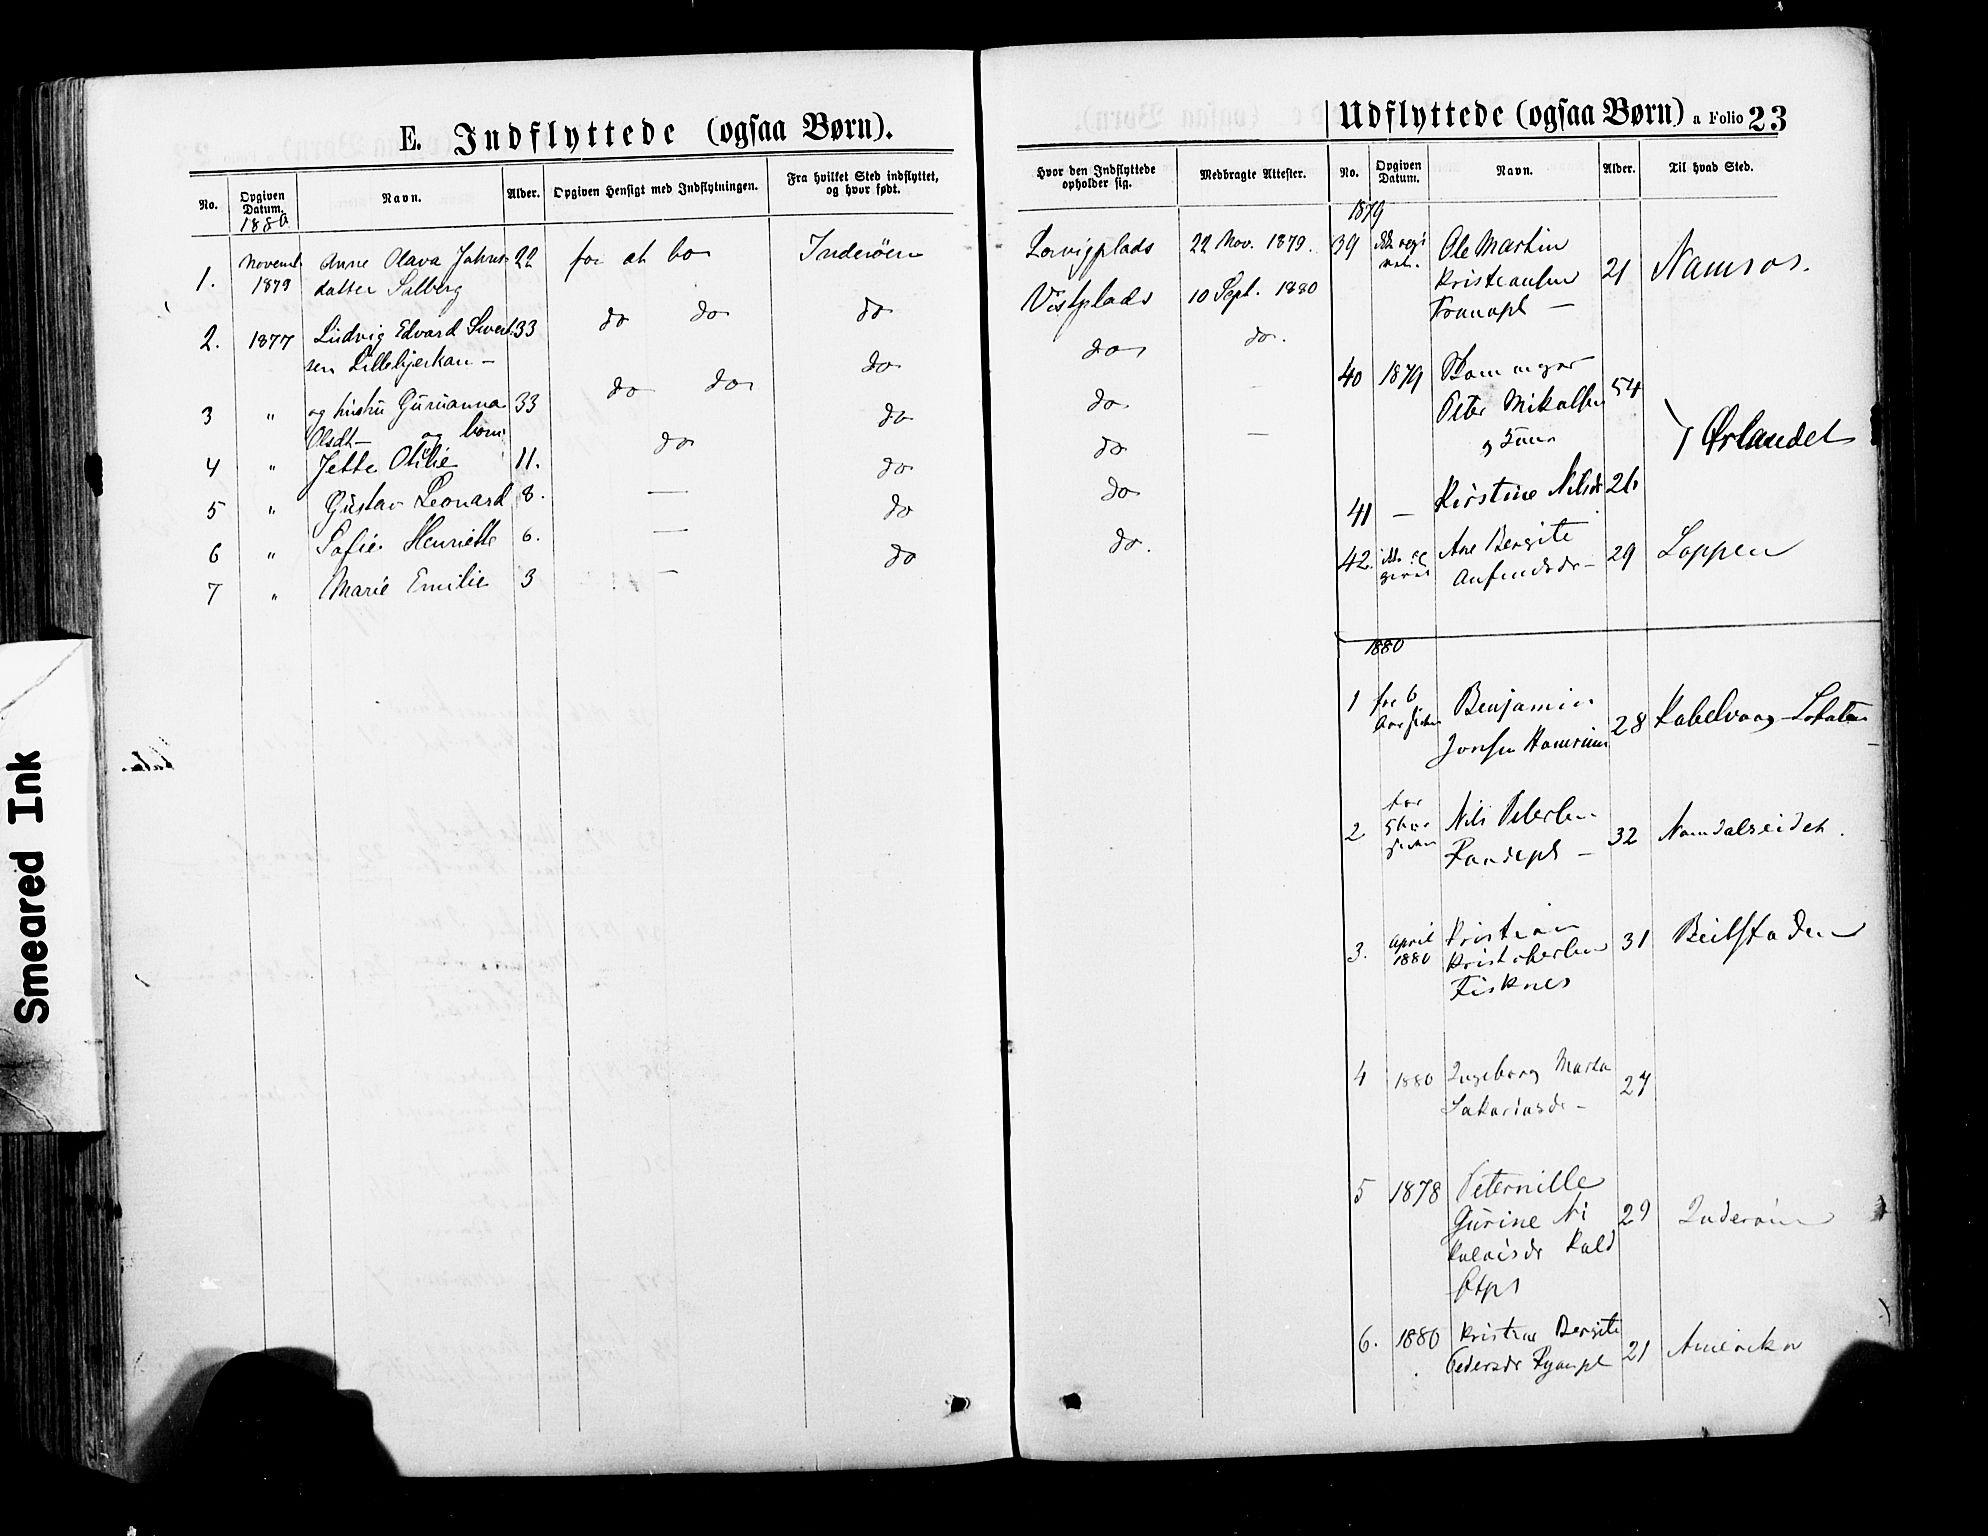 SAT, Ministerialprotokoller, klokkerbøker og fødselsregistre - Nord-Trøndelag, 735/L0348: Ministerialbok nr. 735A09 /1, 1873-1883, s. 23